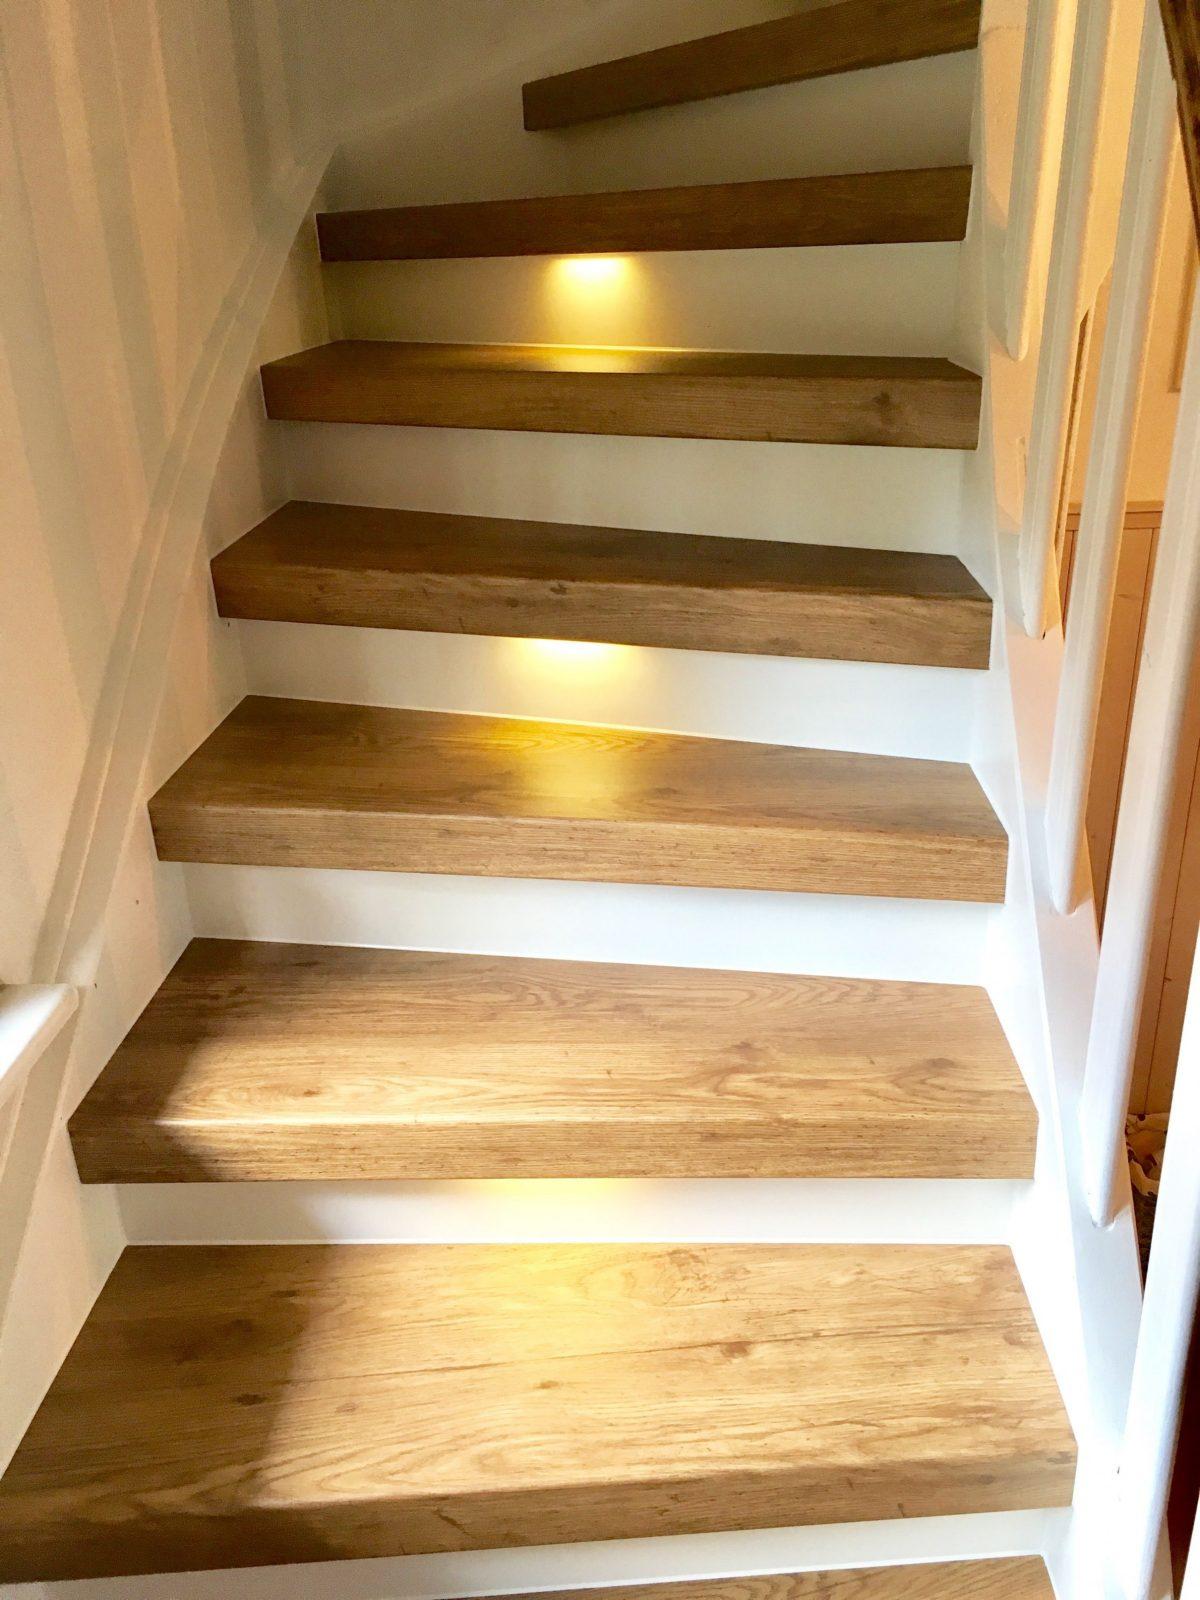 Treppenrenovierung Und Treppensanierung Von Vinylstufen Vinyltreppen von Alte Treppen Neu Gestalten Bild